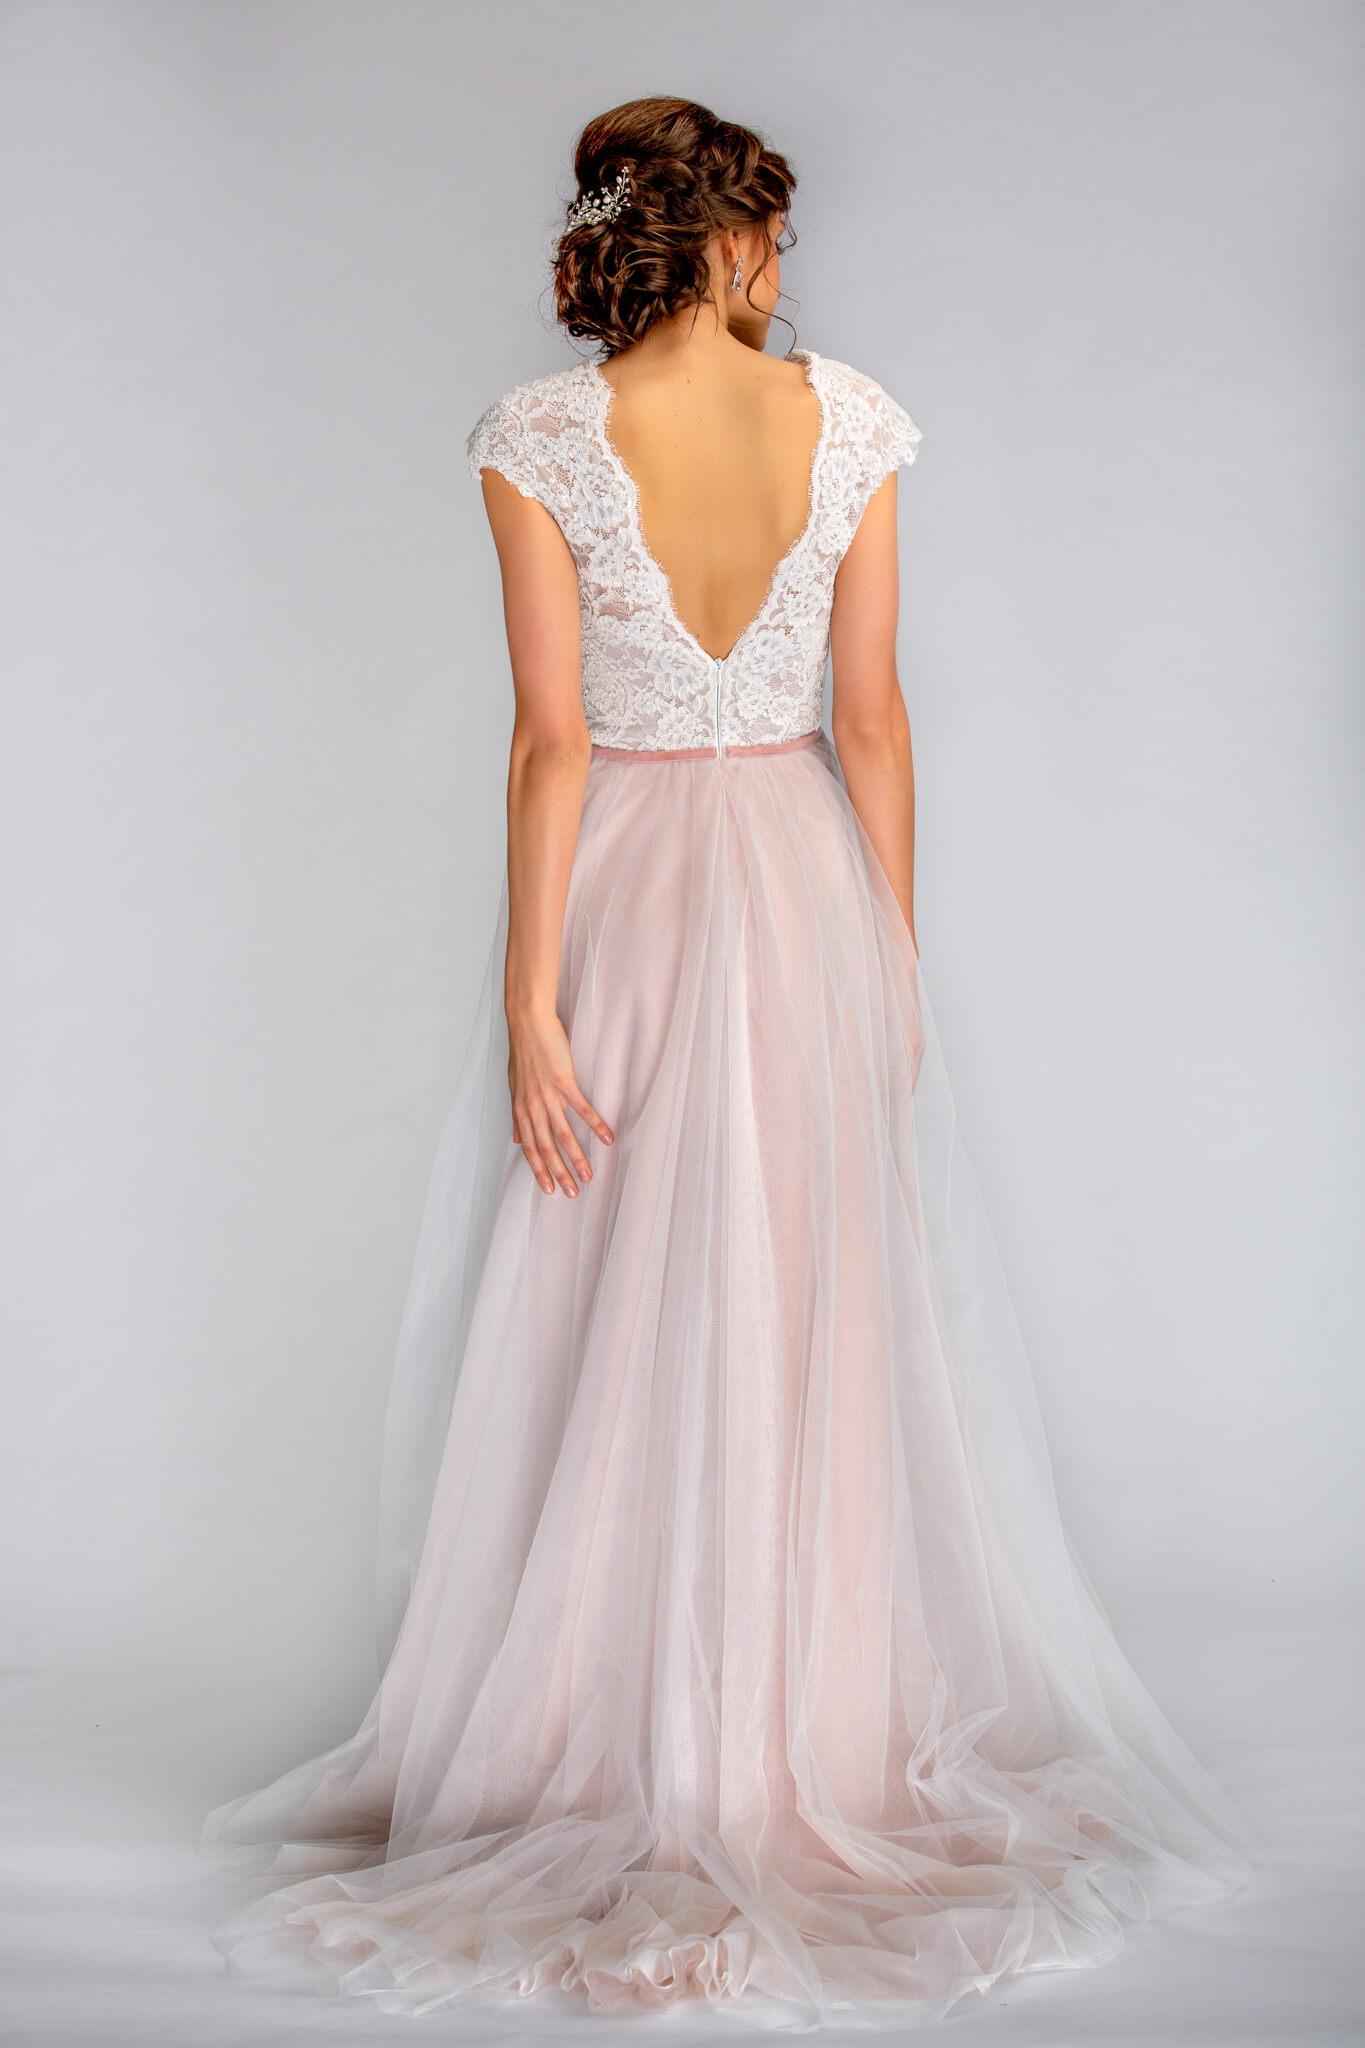 Hochzeitskleid Brautkleid Manna Bespoke Bridal Vienna10